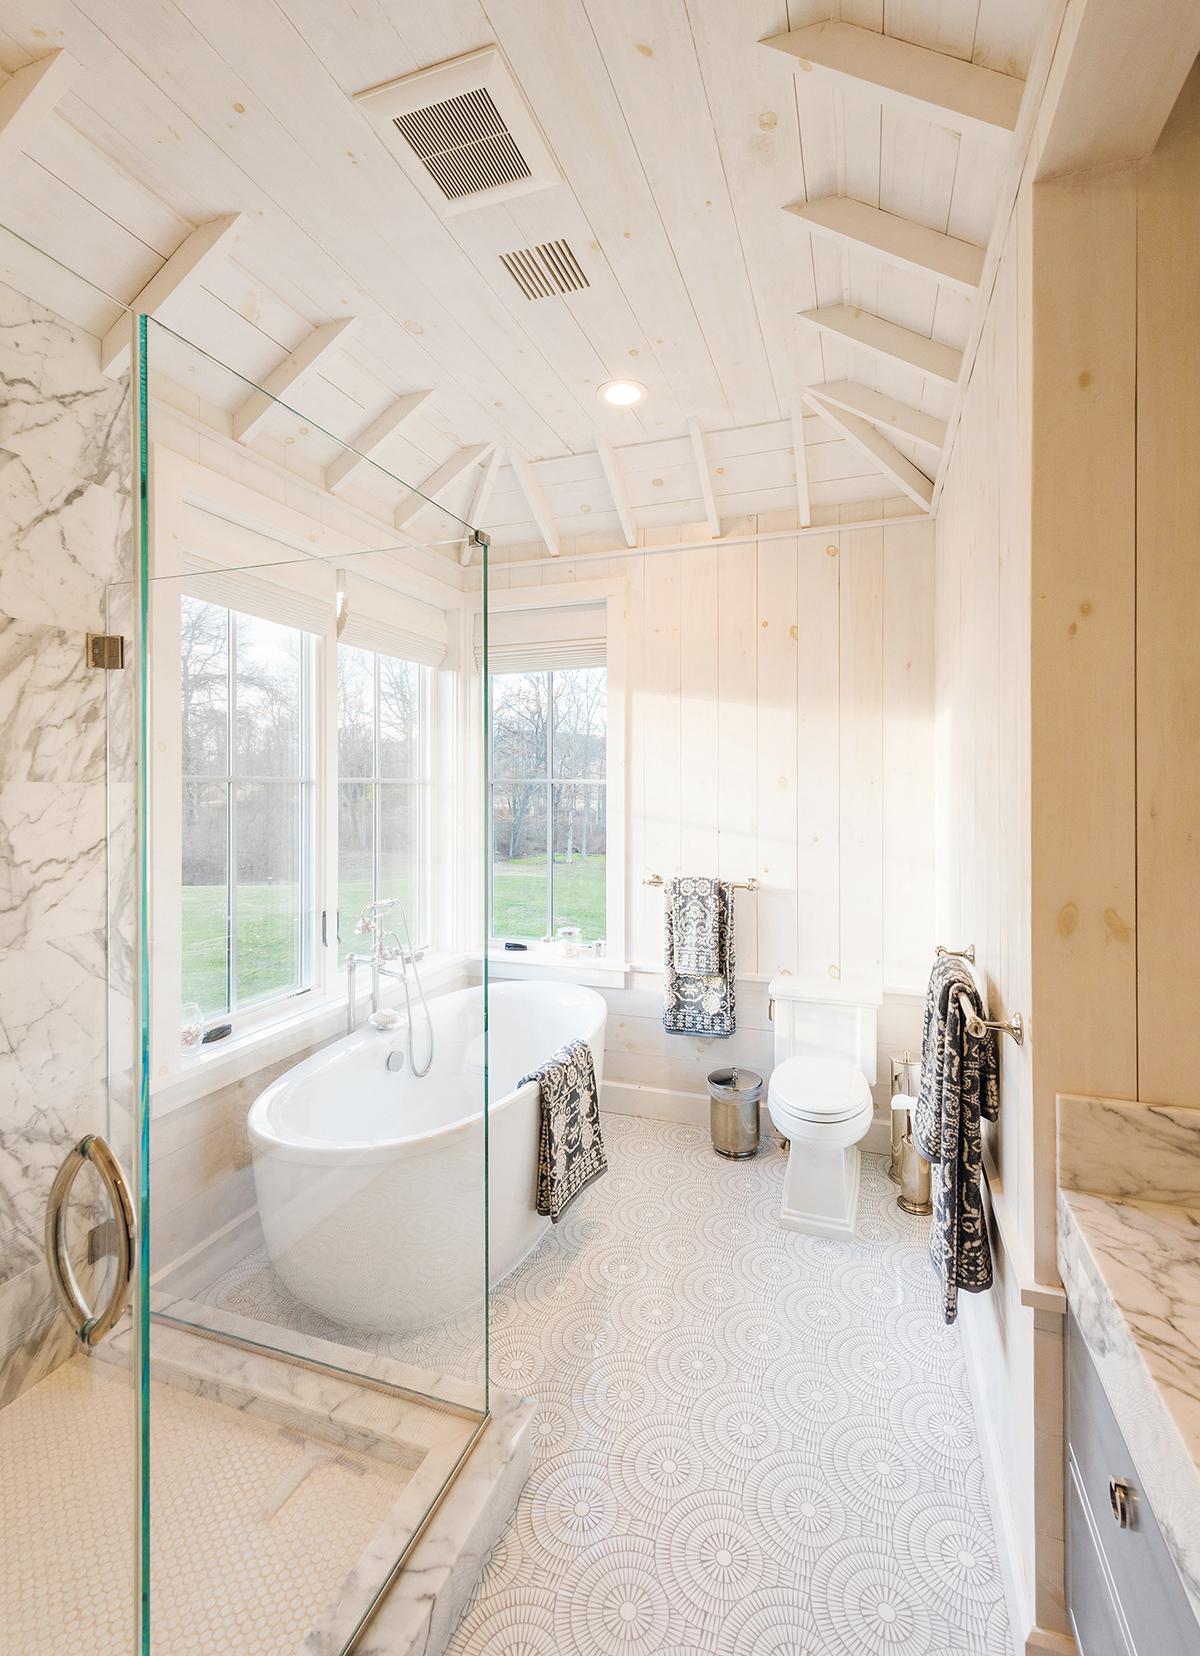 Master Bathrooms Under $50,000 - KBDA 2018 | Kitchen & Bath Design News